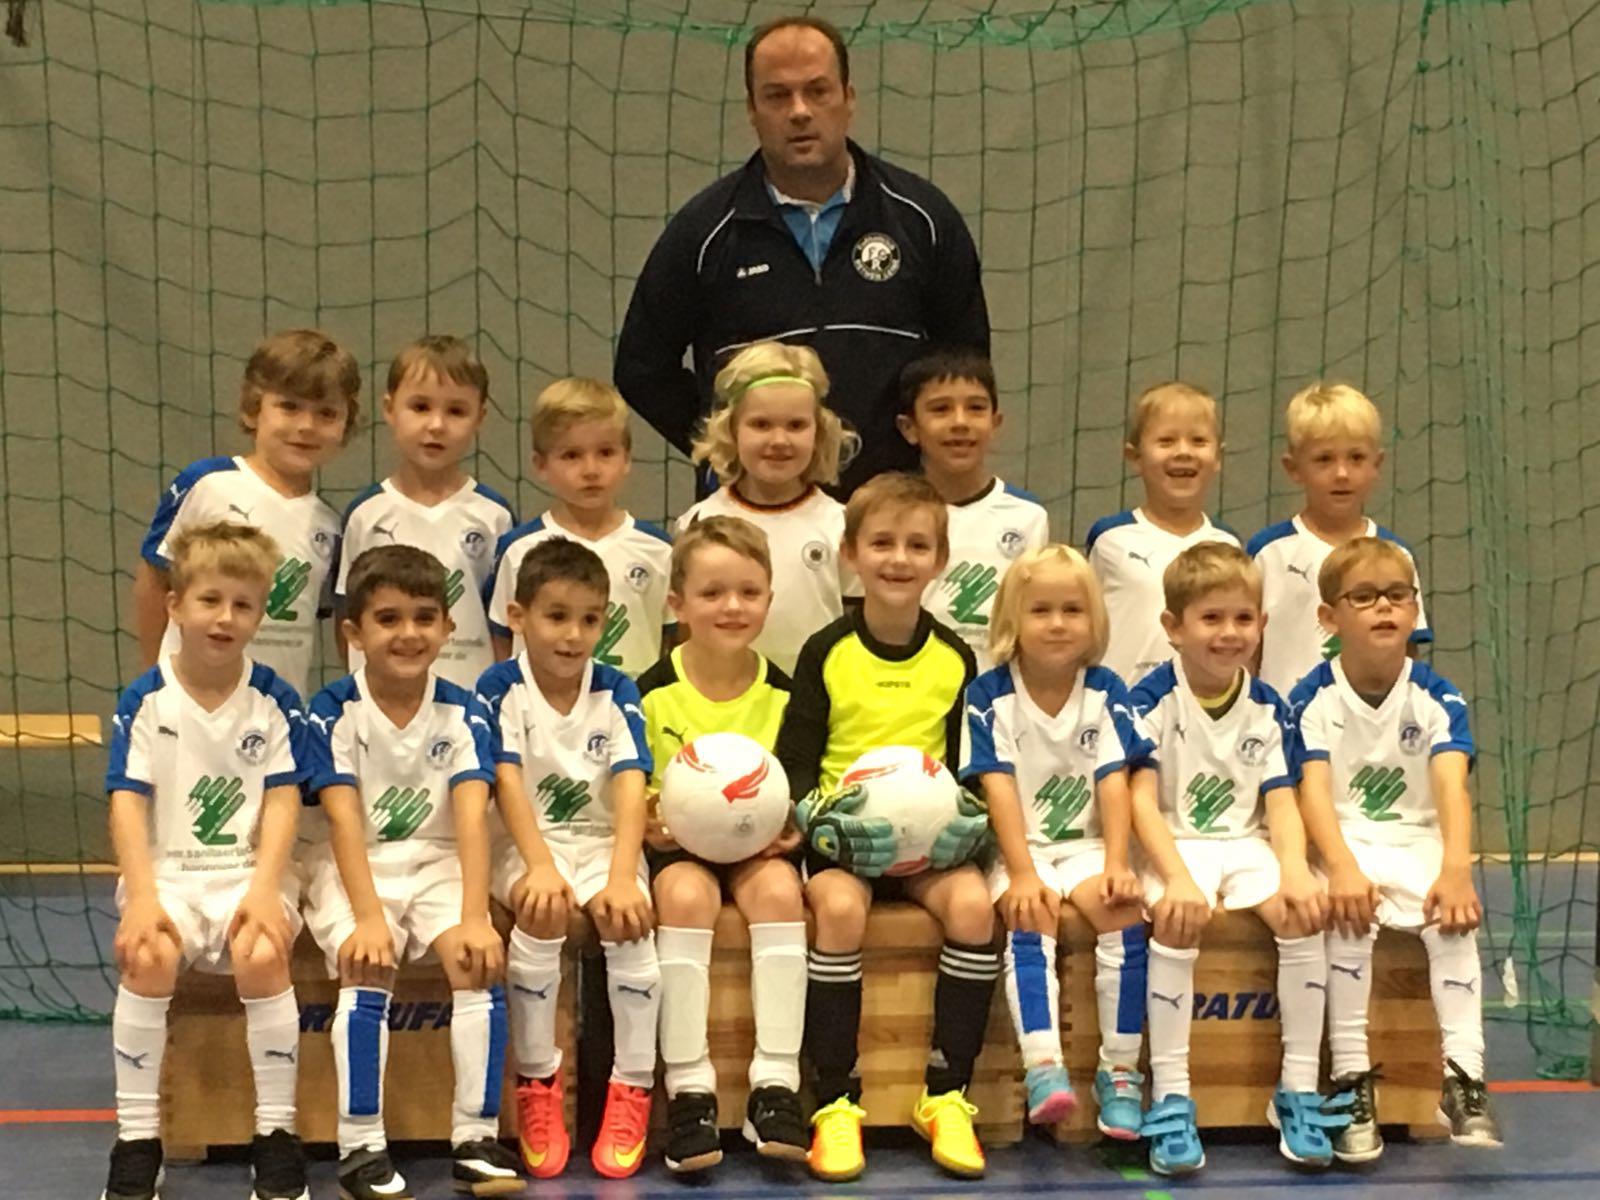 FC Rethen – Mischke GmbH rüstet G-Jugendfußballer des FC Rethen aus.